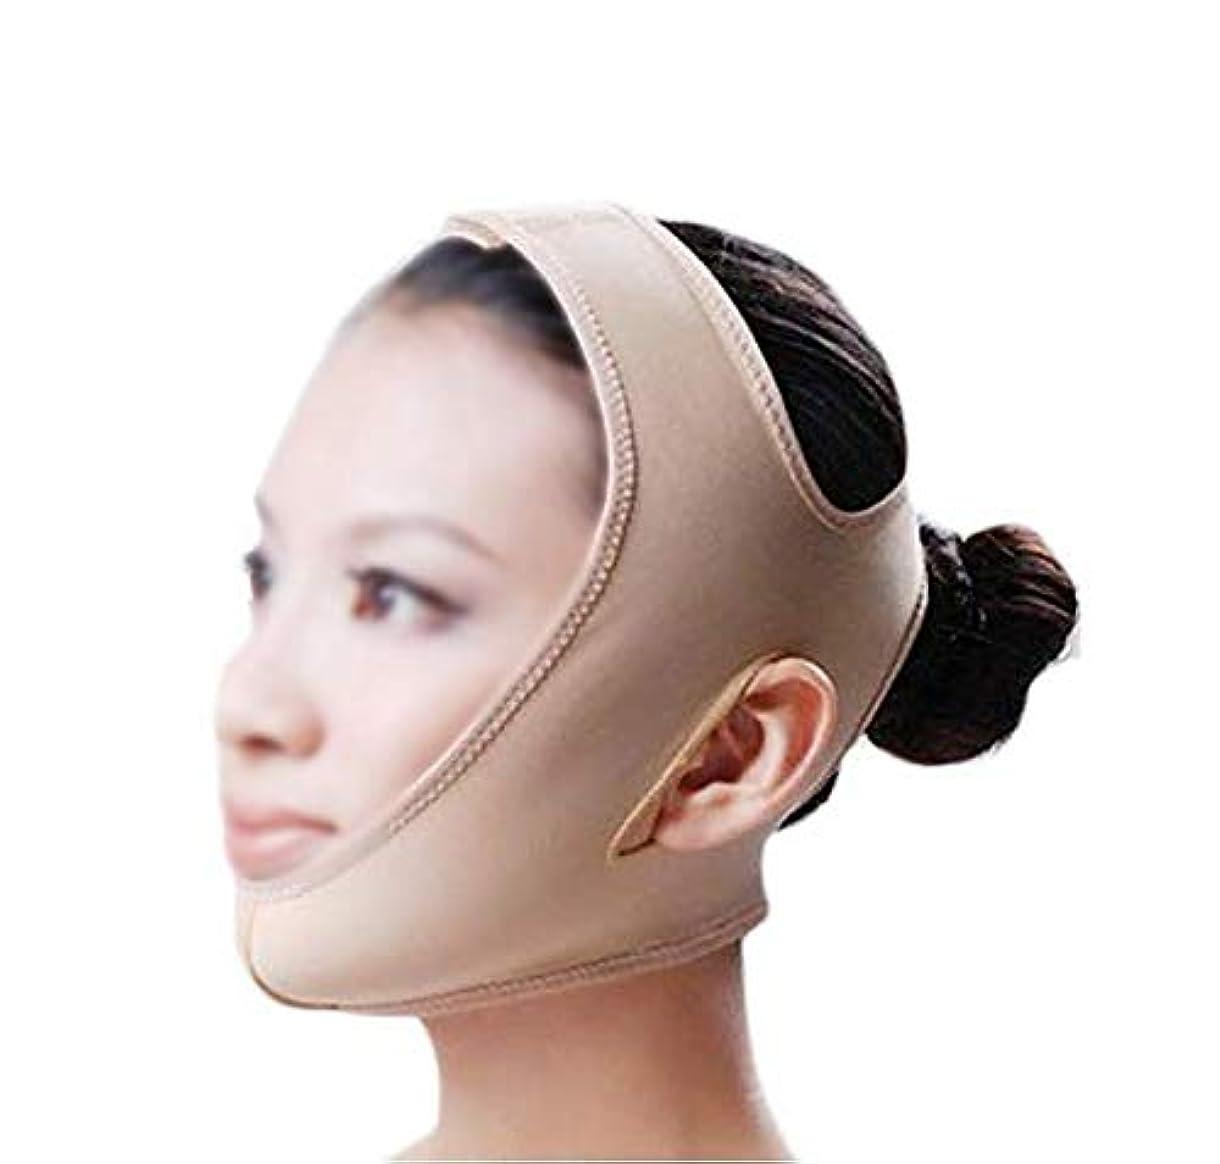 換気するのために変装XHLMRMJ 引き締めフェイスマスク、マスクフェイシャルマスク美容医学フェイスマスク美容vフェイス包帯ライン彫刻リフティング引き締めダブルチンマスク (Size : Xl)